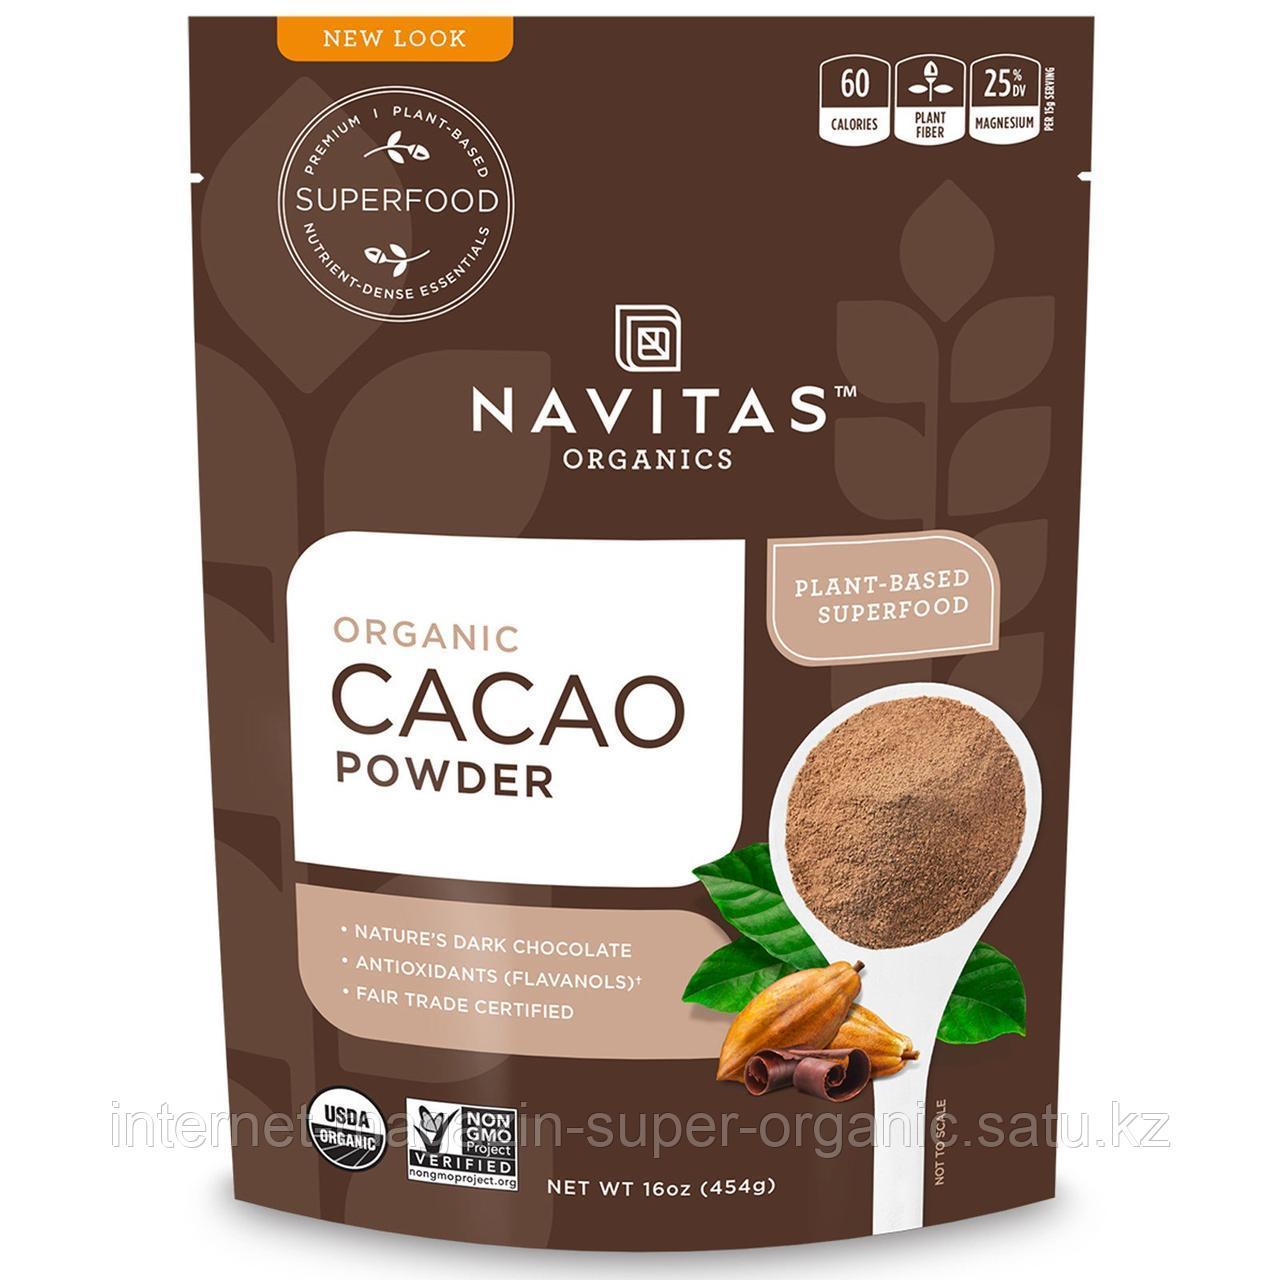 Шоколадный порошок (какао-порошок) сырой органический, 454 гр, Navitas Organics